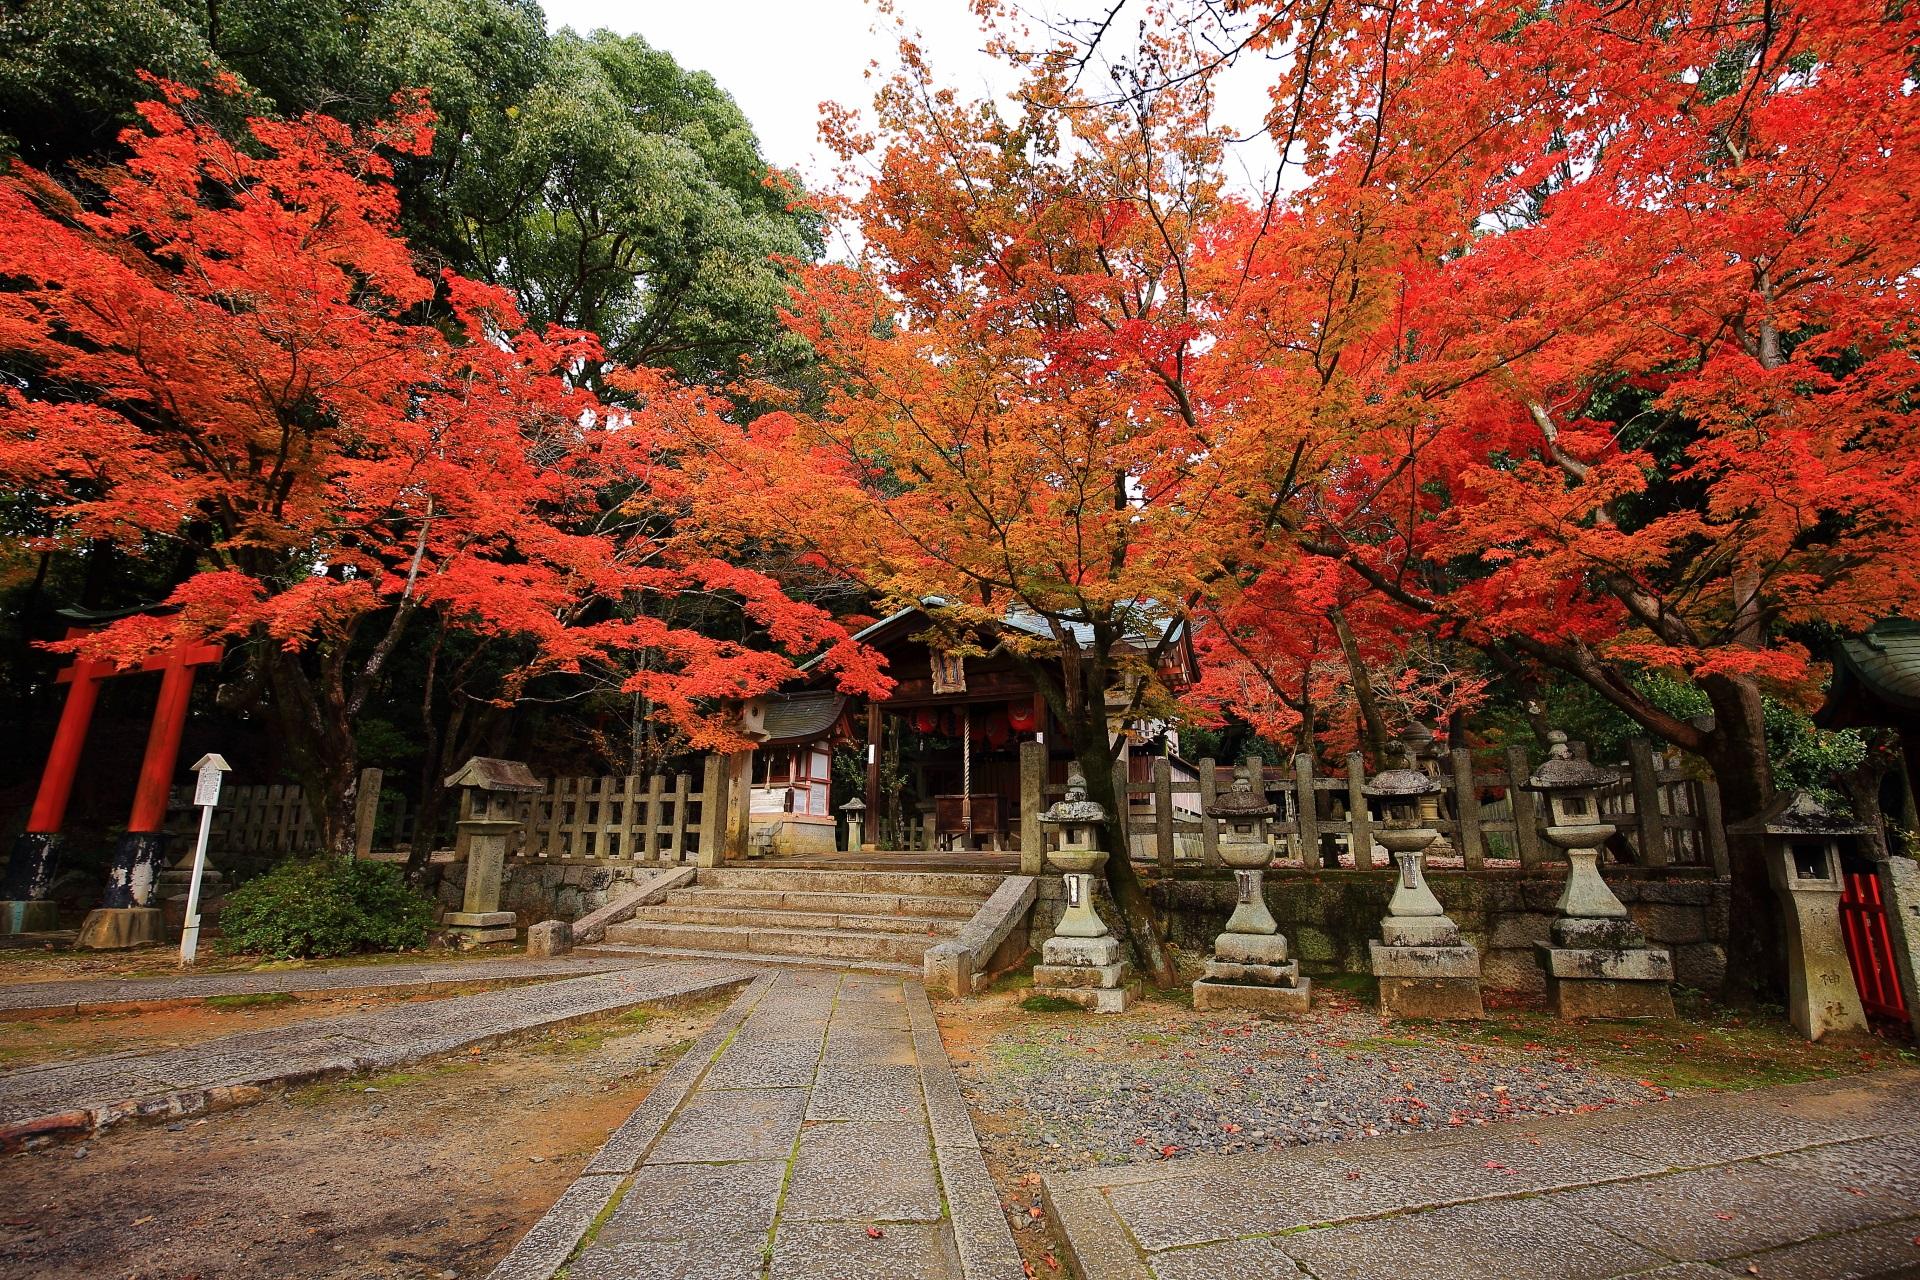 竹中稲荷神社 紅葉 京都最大級のもみじの穴場